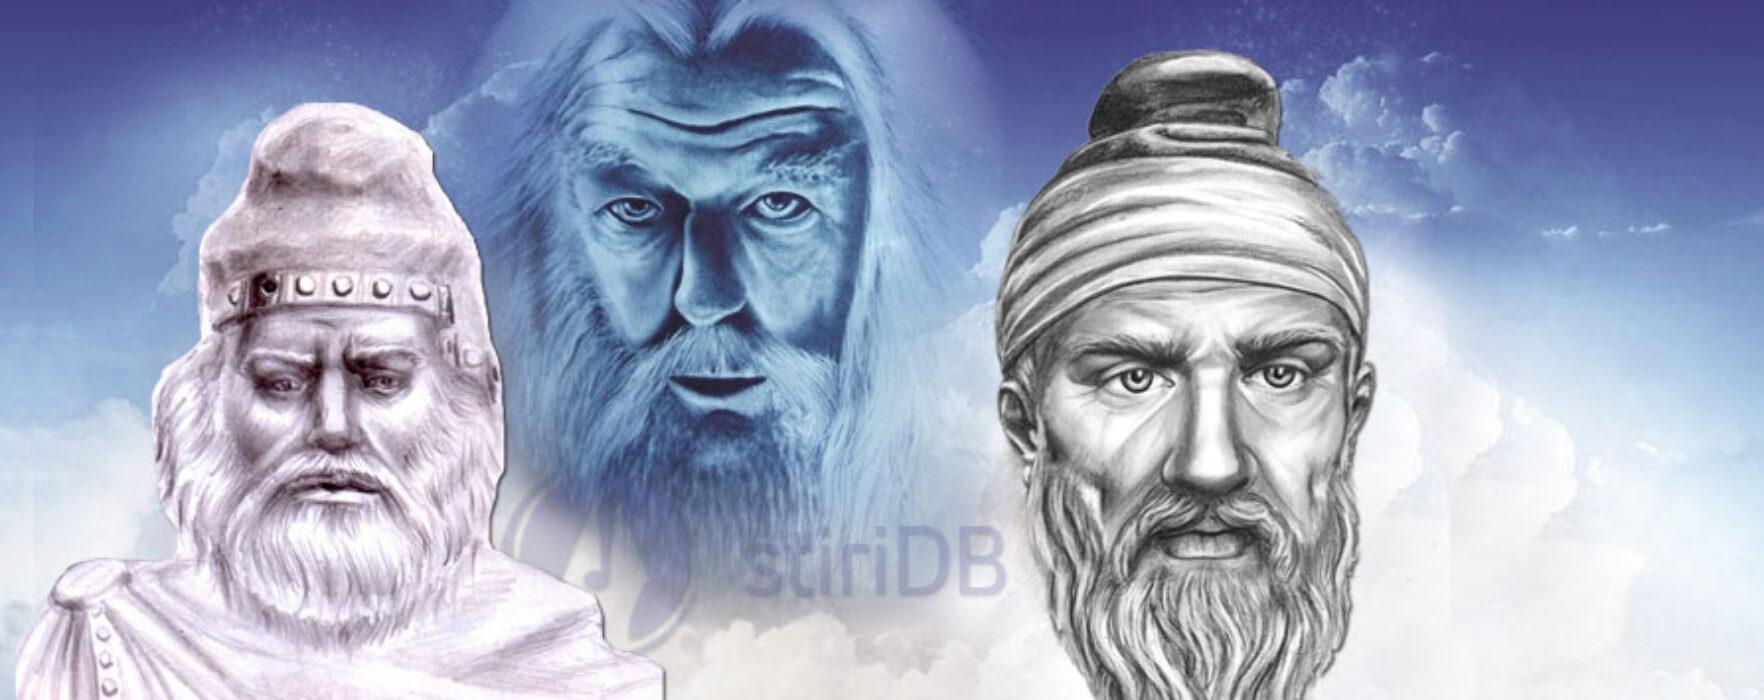 Drumul Dacilor trece prin Dâmboviţa, va avea statui uriaşe cu Decebal, Burebista şi Zamolxe